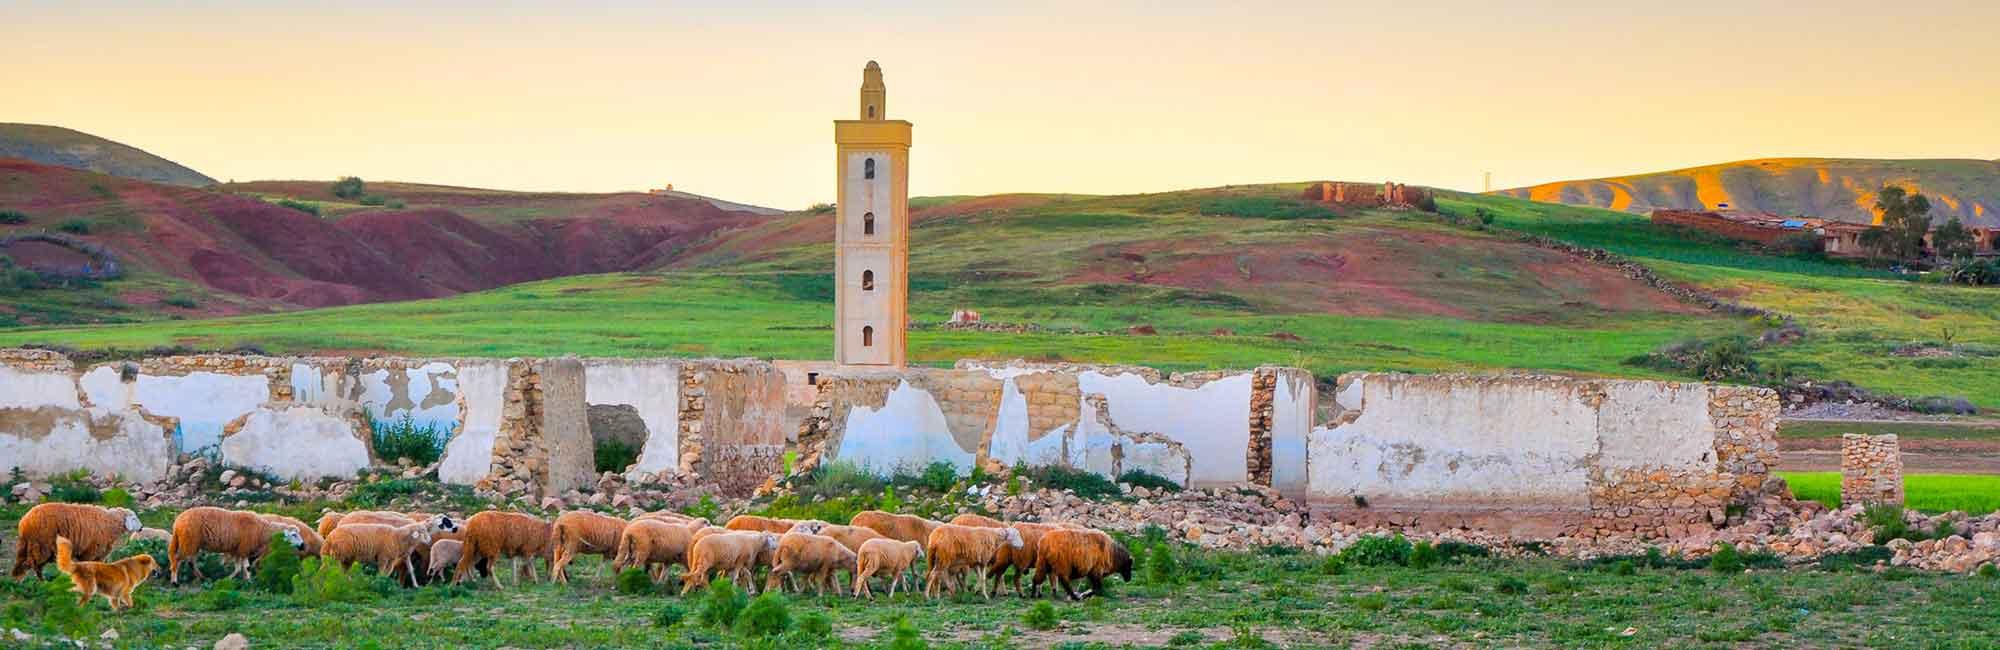 Atlas de Marruecos